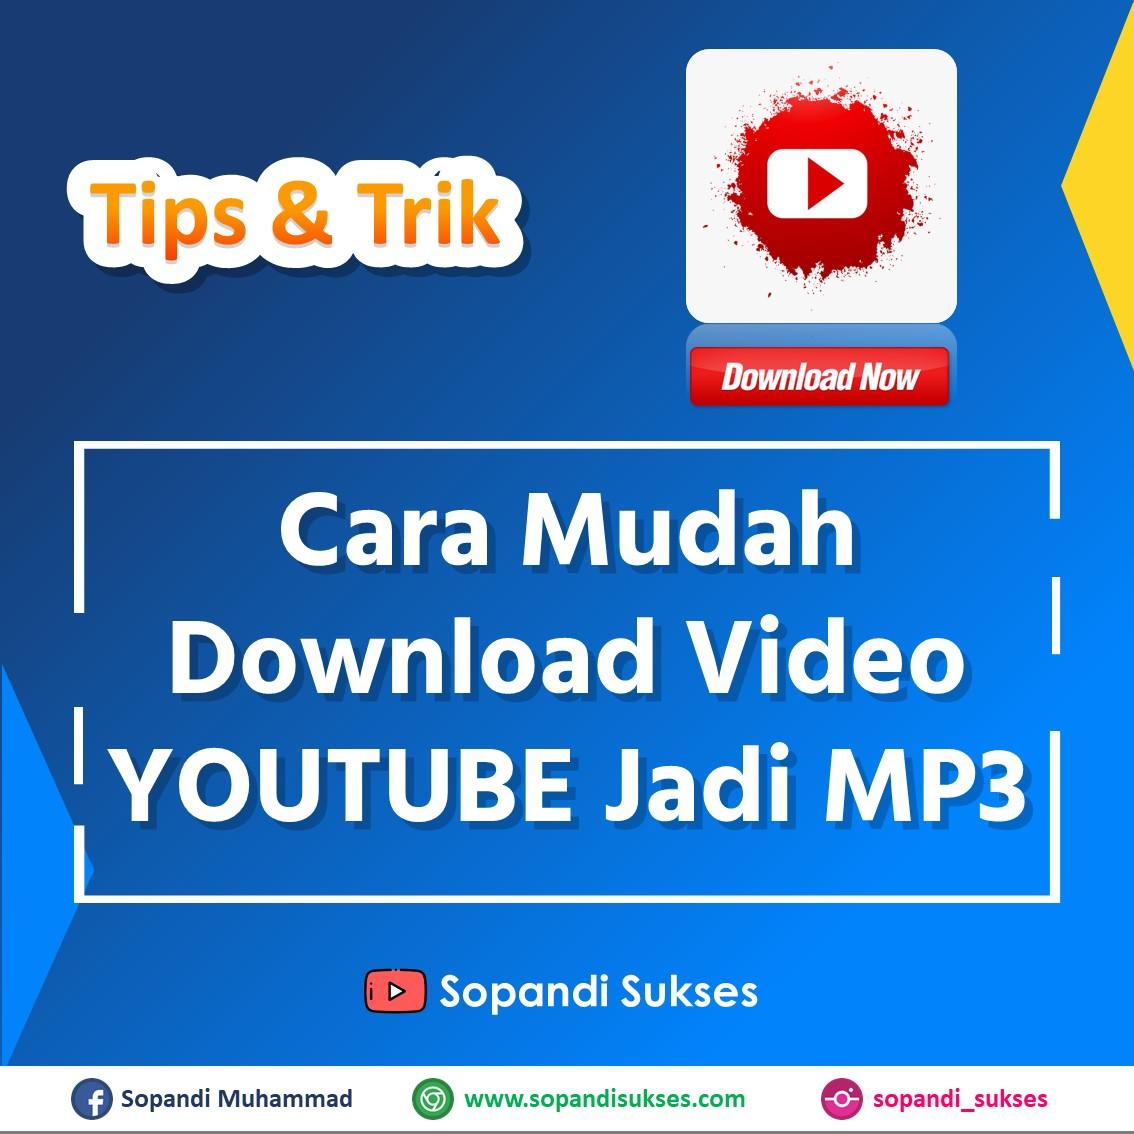 Cara Mudah Download Video Youtube Jadi Mp3